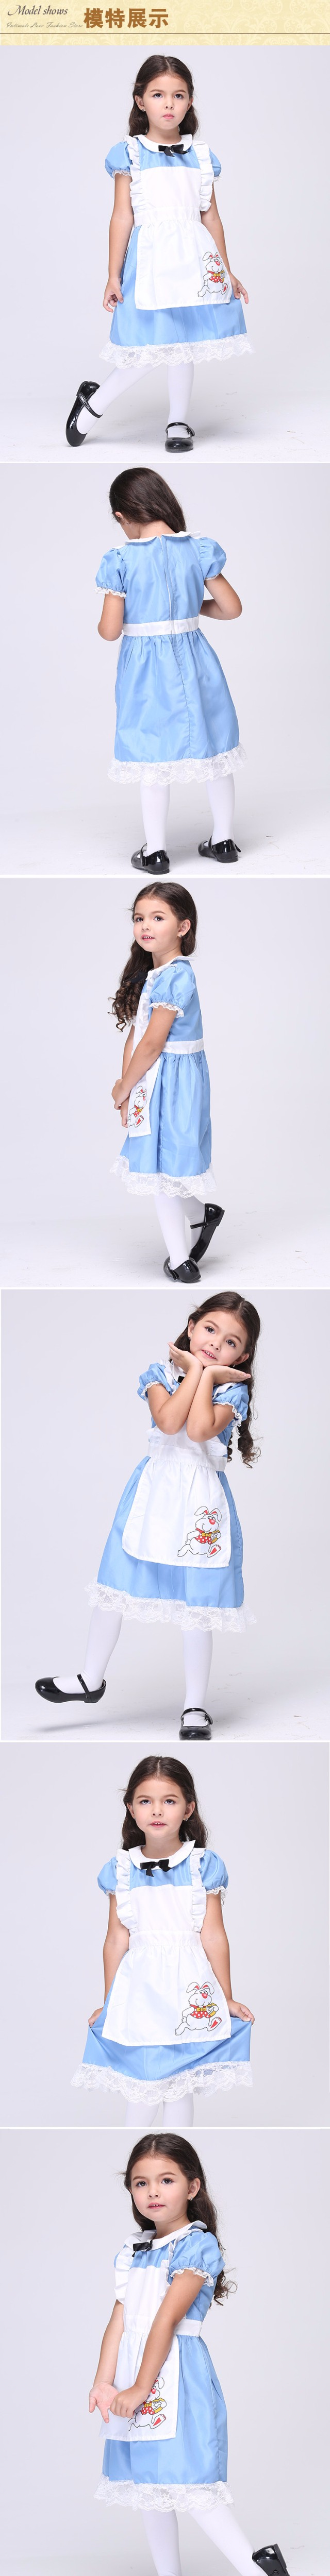 Mädchen Alice im Wunderland Kostüm für Kinder Party Kleid Lolita ...